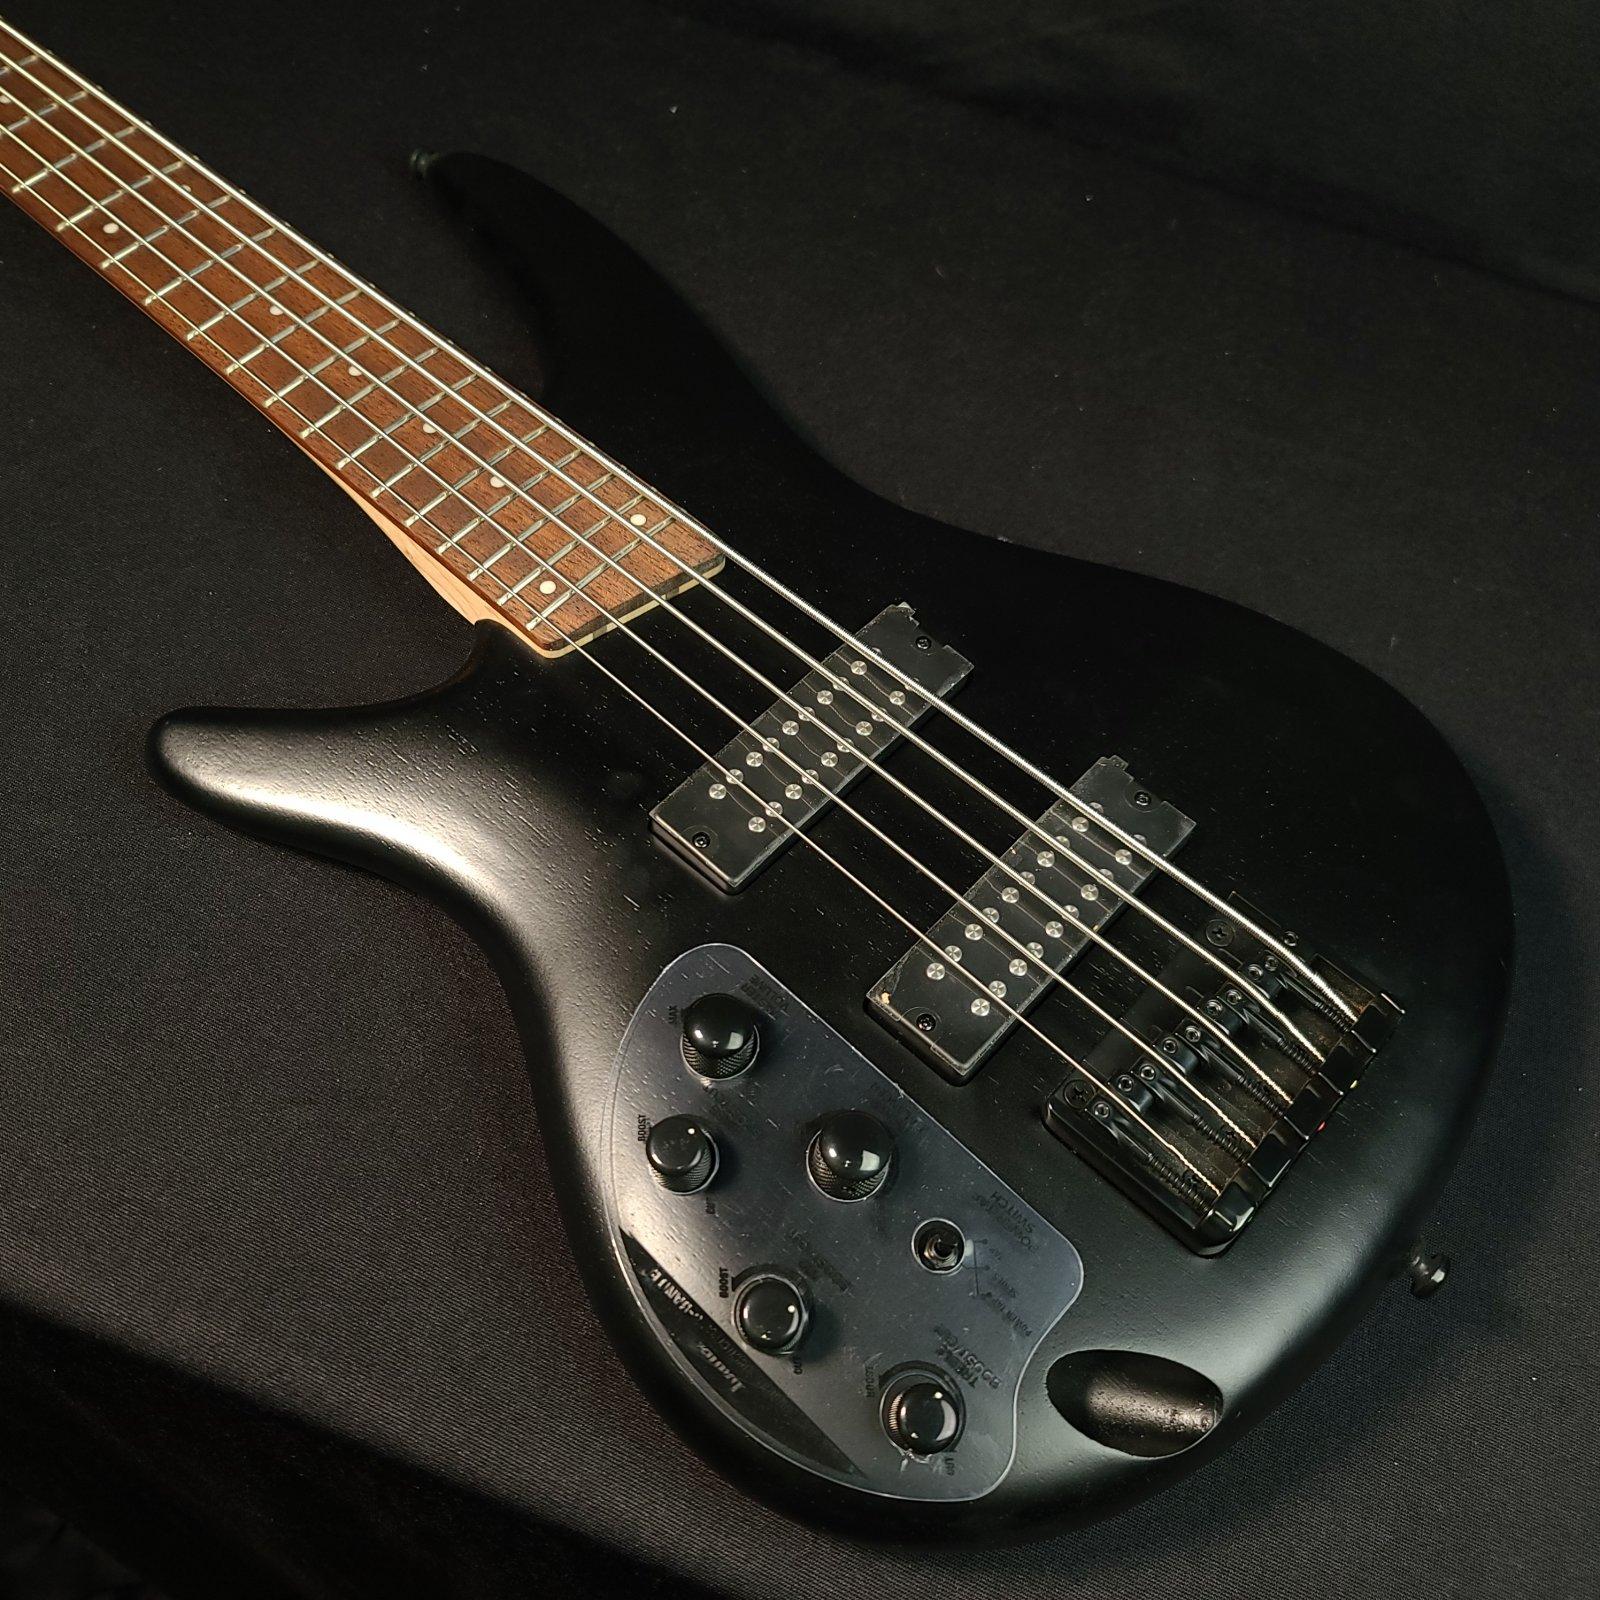 Ibanez SR305EBLWK Left-Handed 5-String Bass